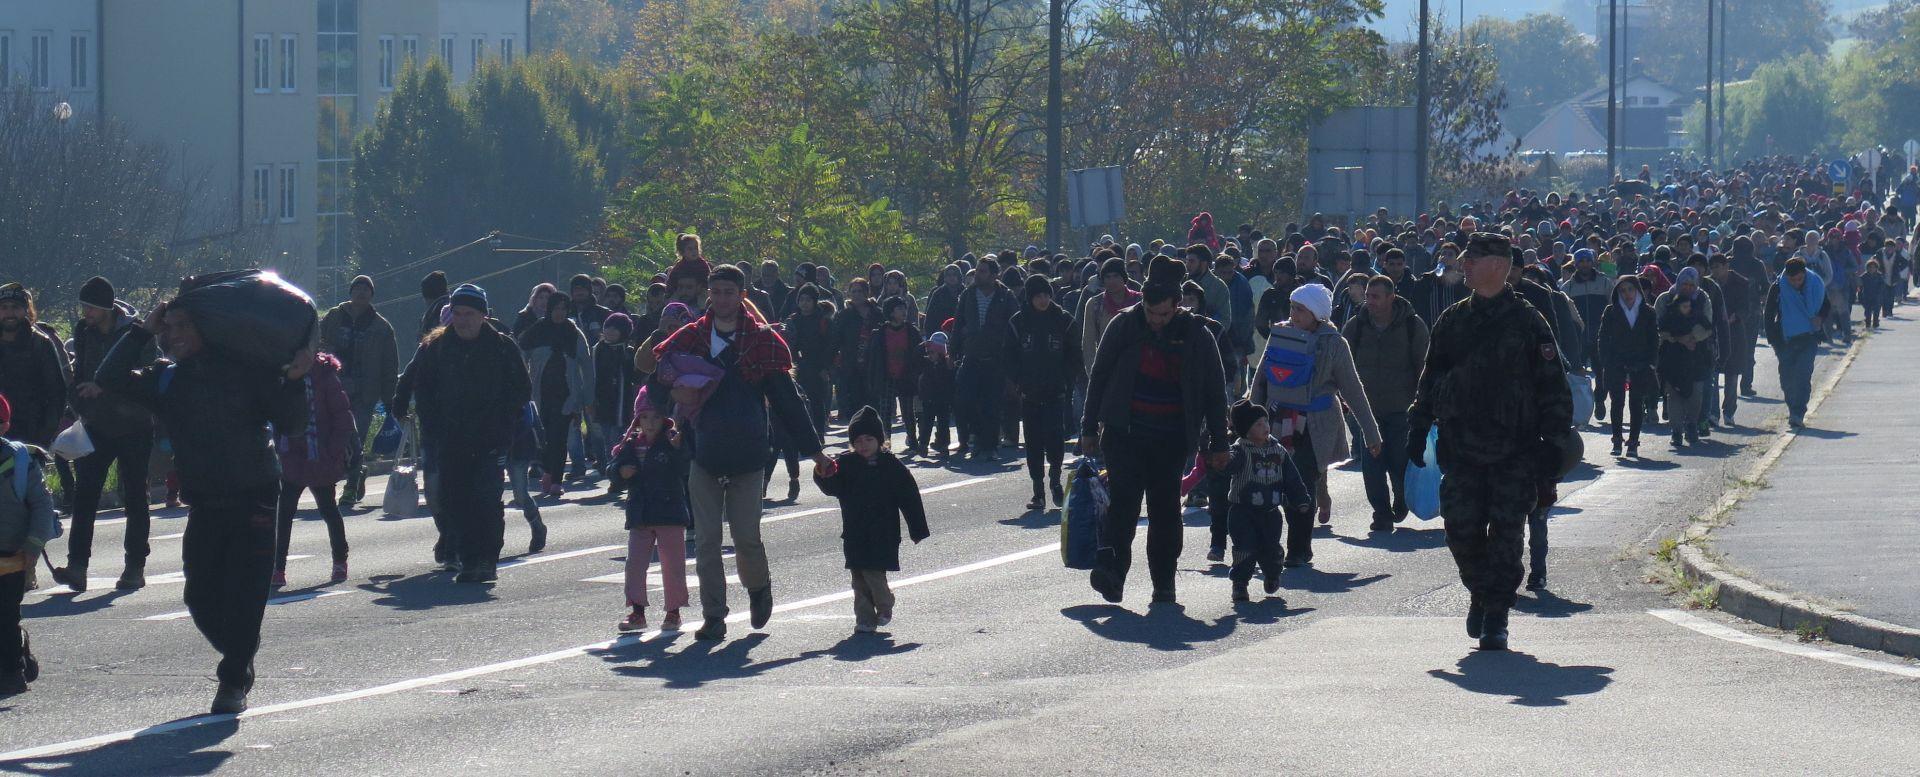 I DALJE PRISTIŽU: Noćas u Hrvatsku ušlo oko 2400 migranata